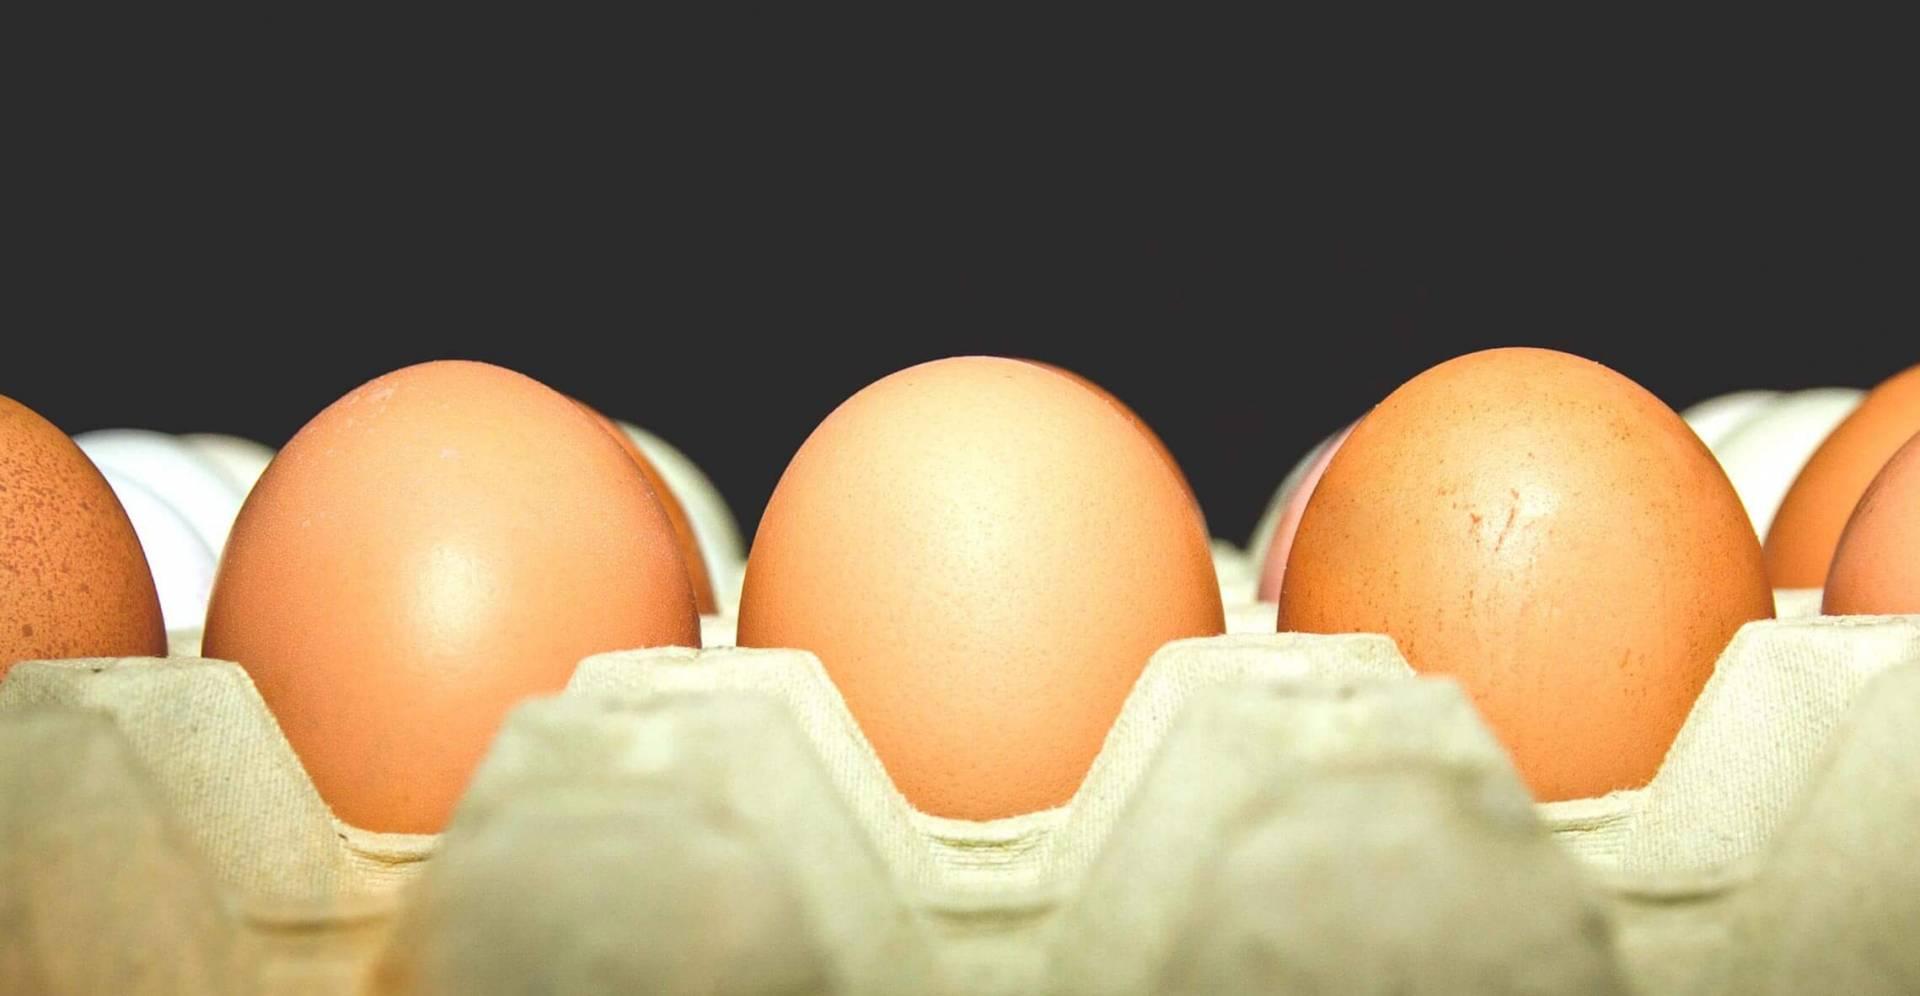 A Cor dos Ovos de Galinha